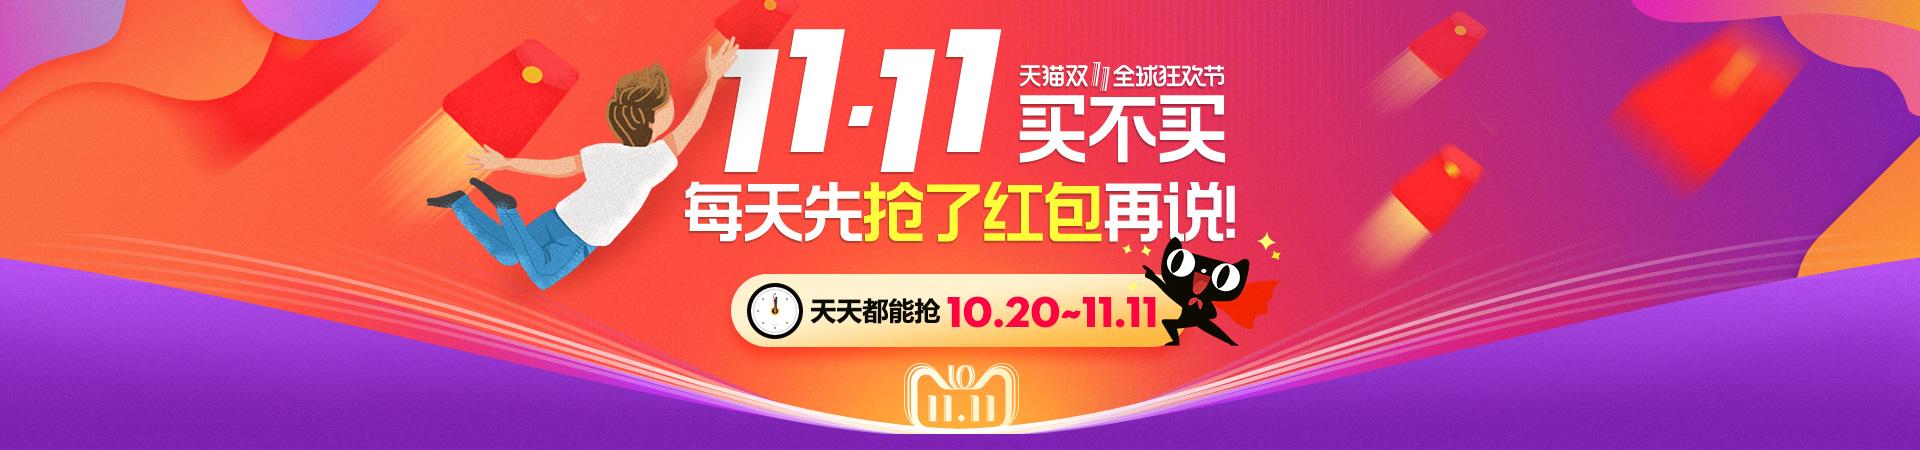 双11,买不买每天先抢了红包再说!天天都能抢10.20~11.11